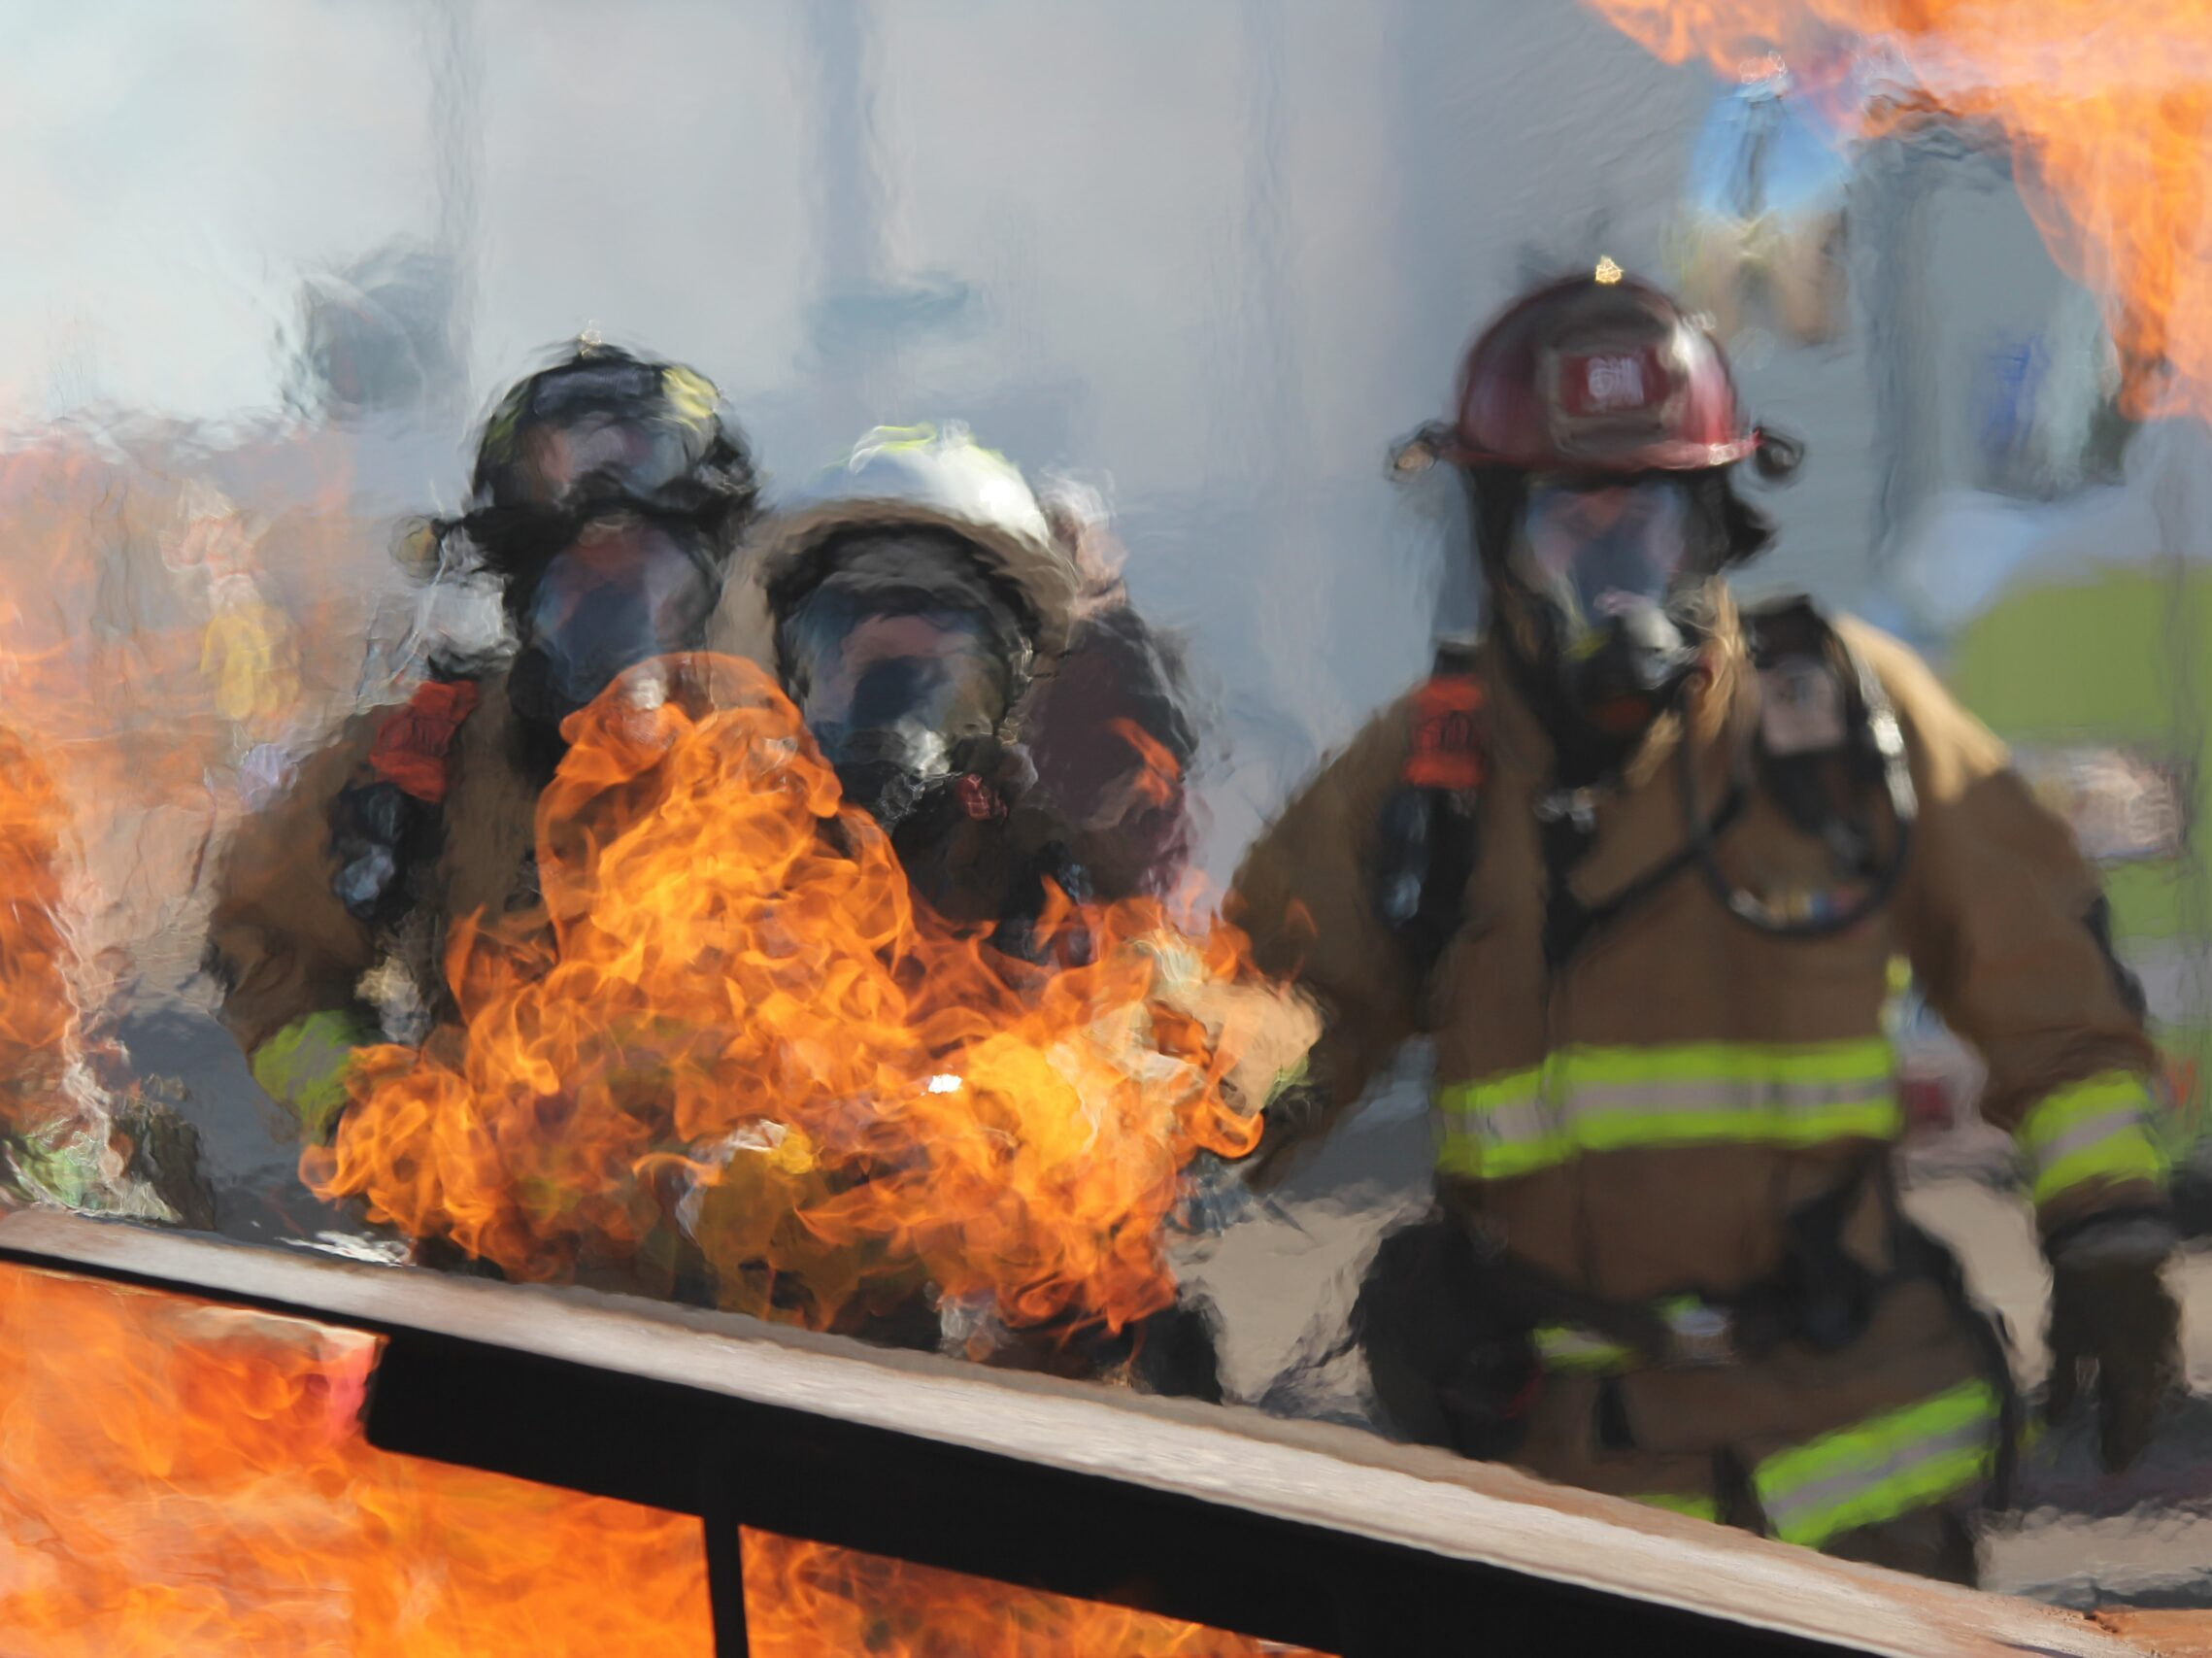 firefighters near fire